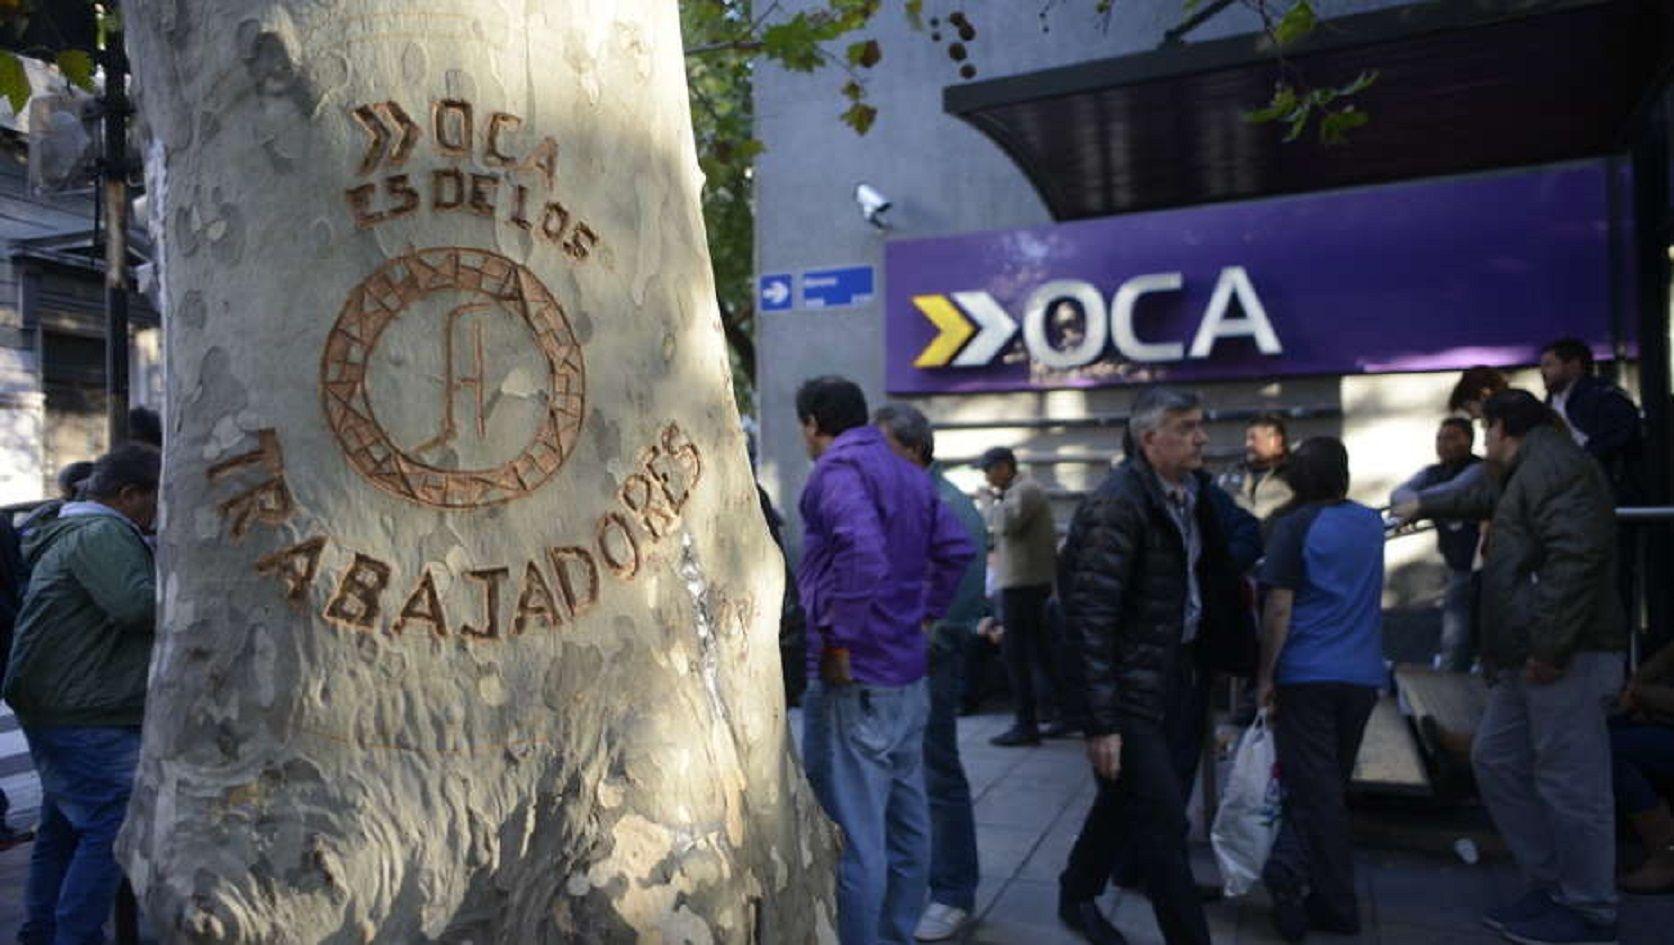 Moyano suspendió el paro y la movilización de camioneros por el conflicto de OCA